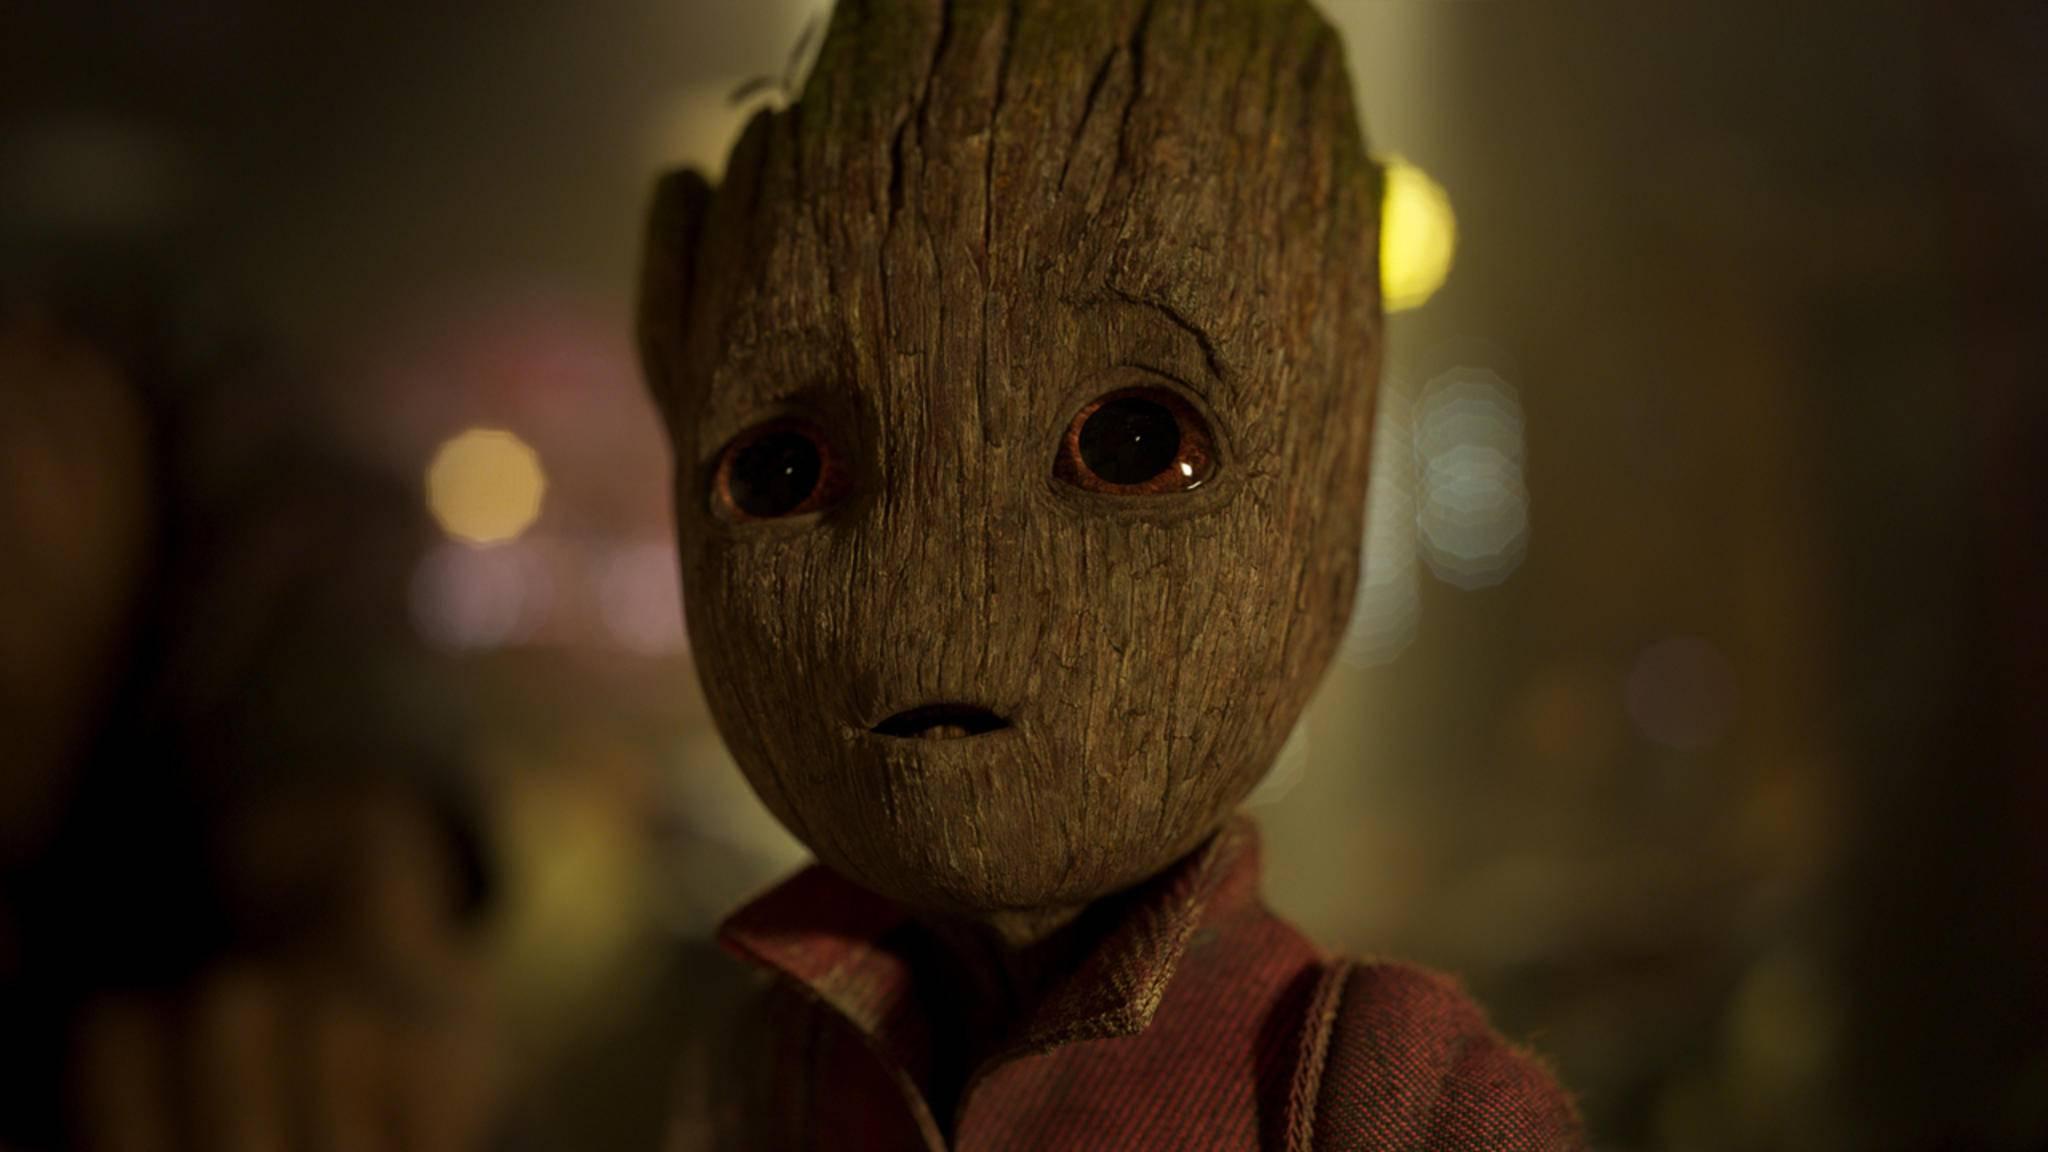 Ob wir einen ähnlich staunenden Ausdruck auf Teenie-Groots Gesicht sehen, wenn dieser erstmals seinen Mentor trifft?